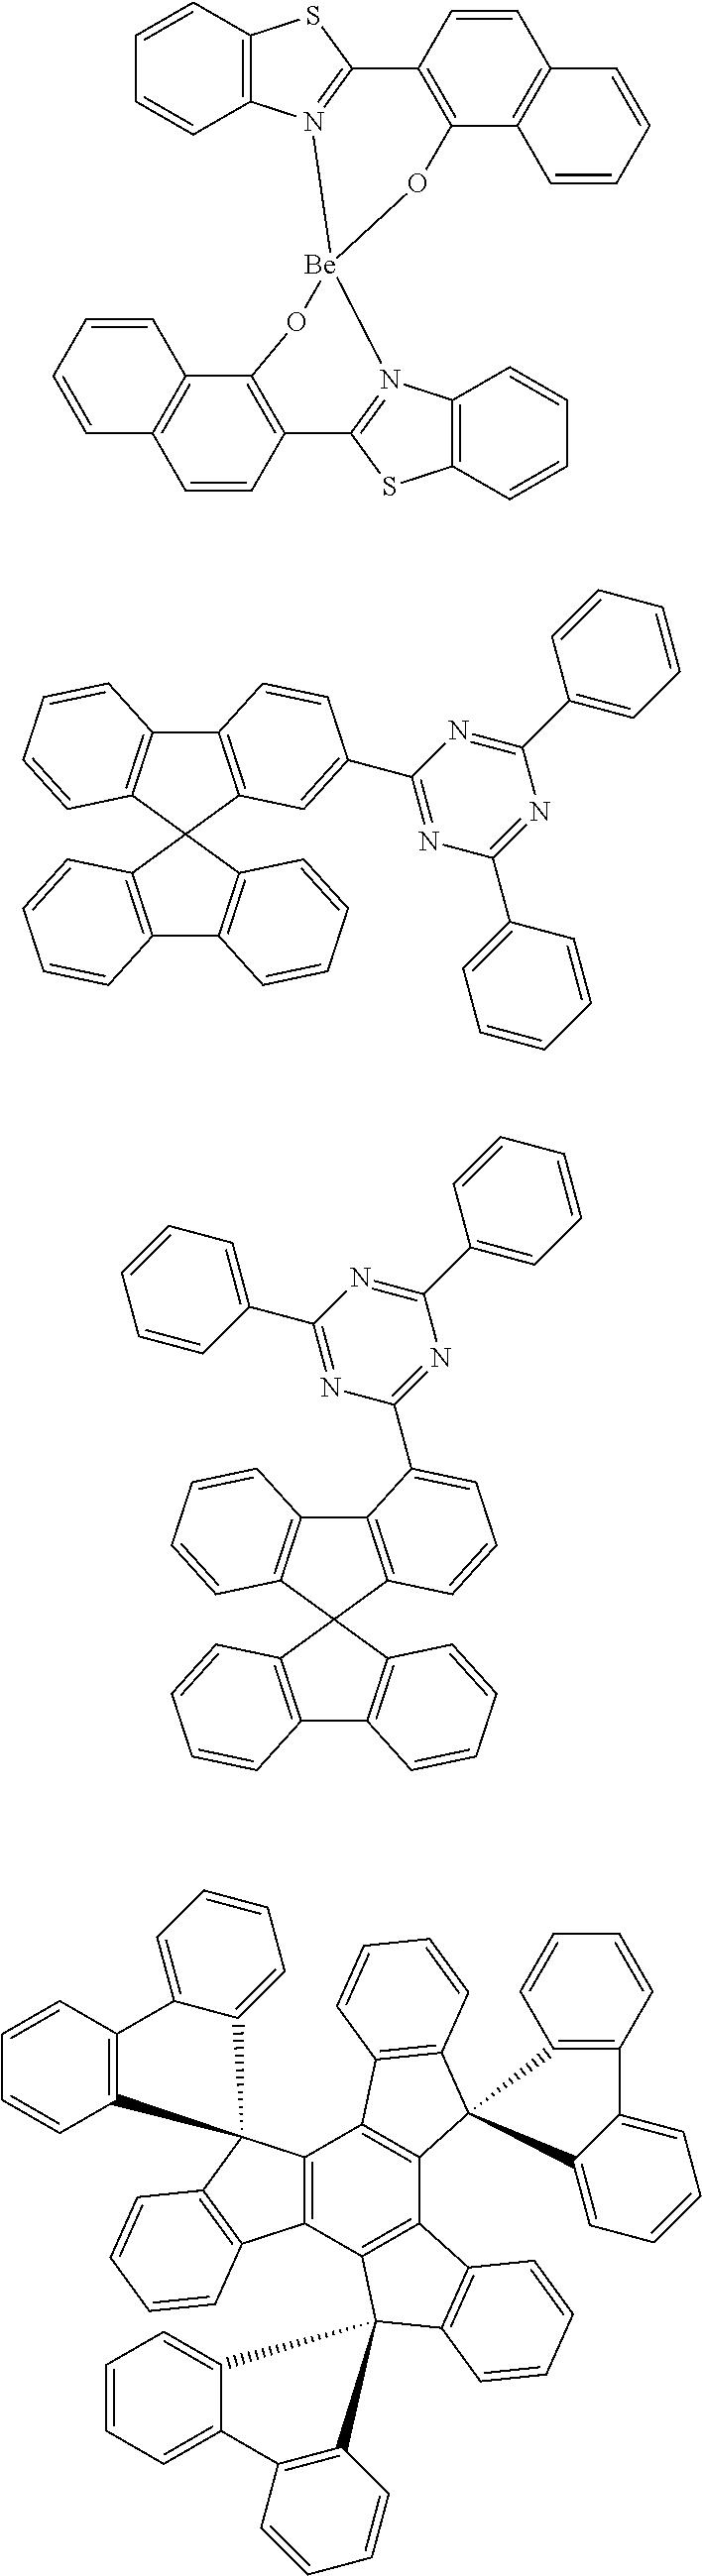 Figure US20150280139A1-20151001-C00126